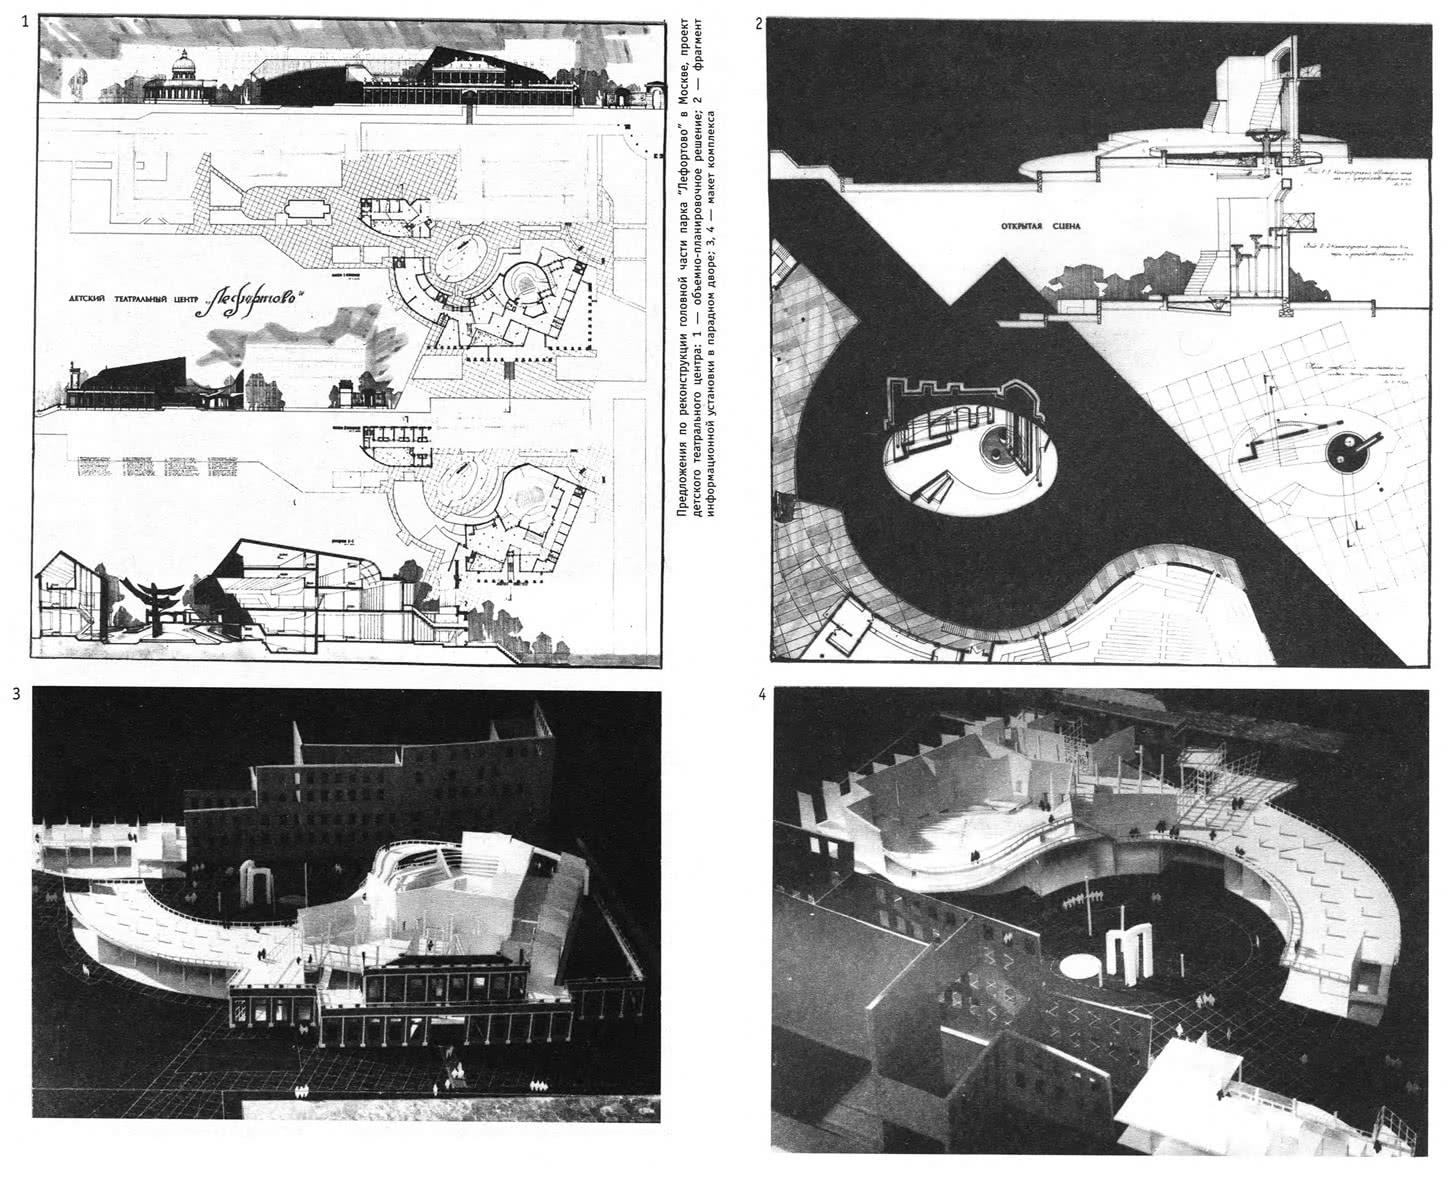 Предложения по реконструкции головной части парка Лефортово в Москве